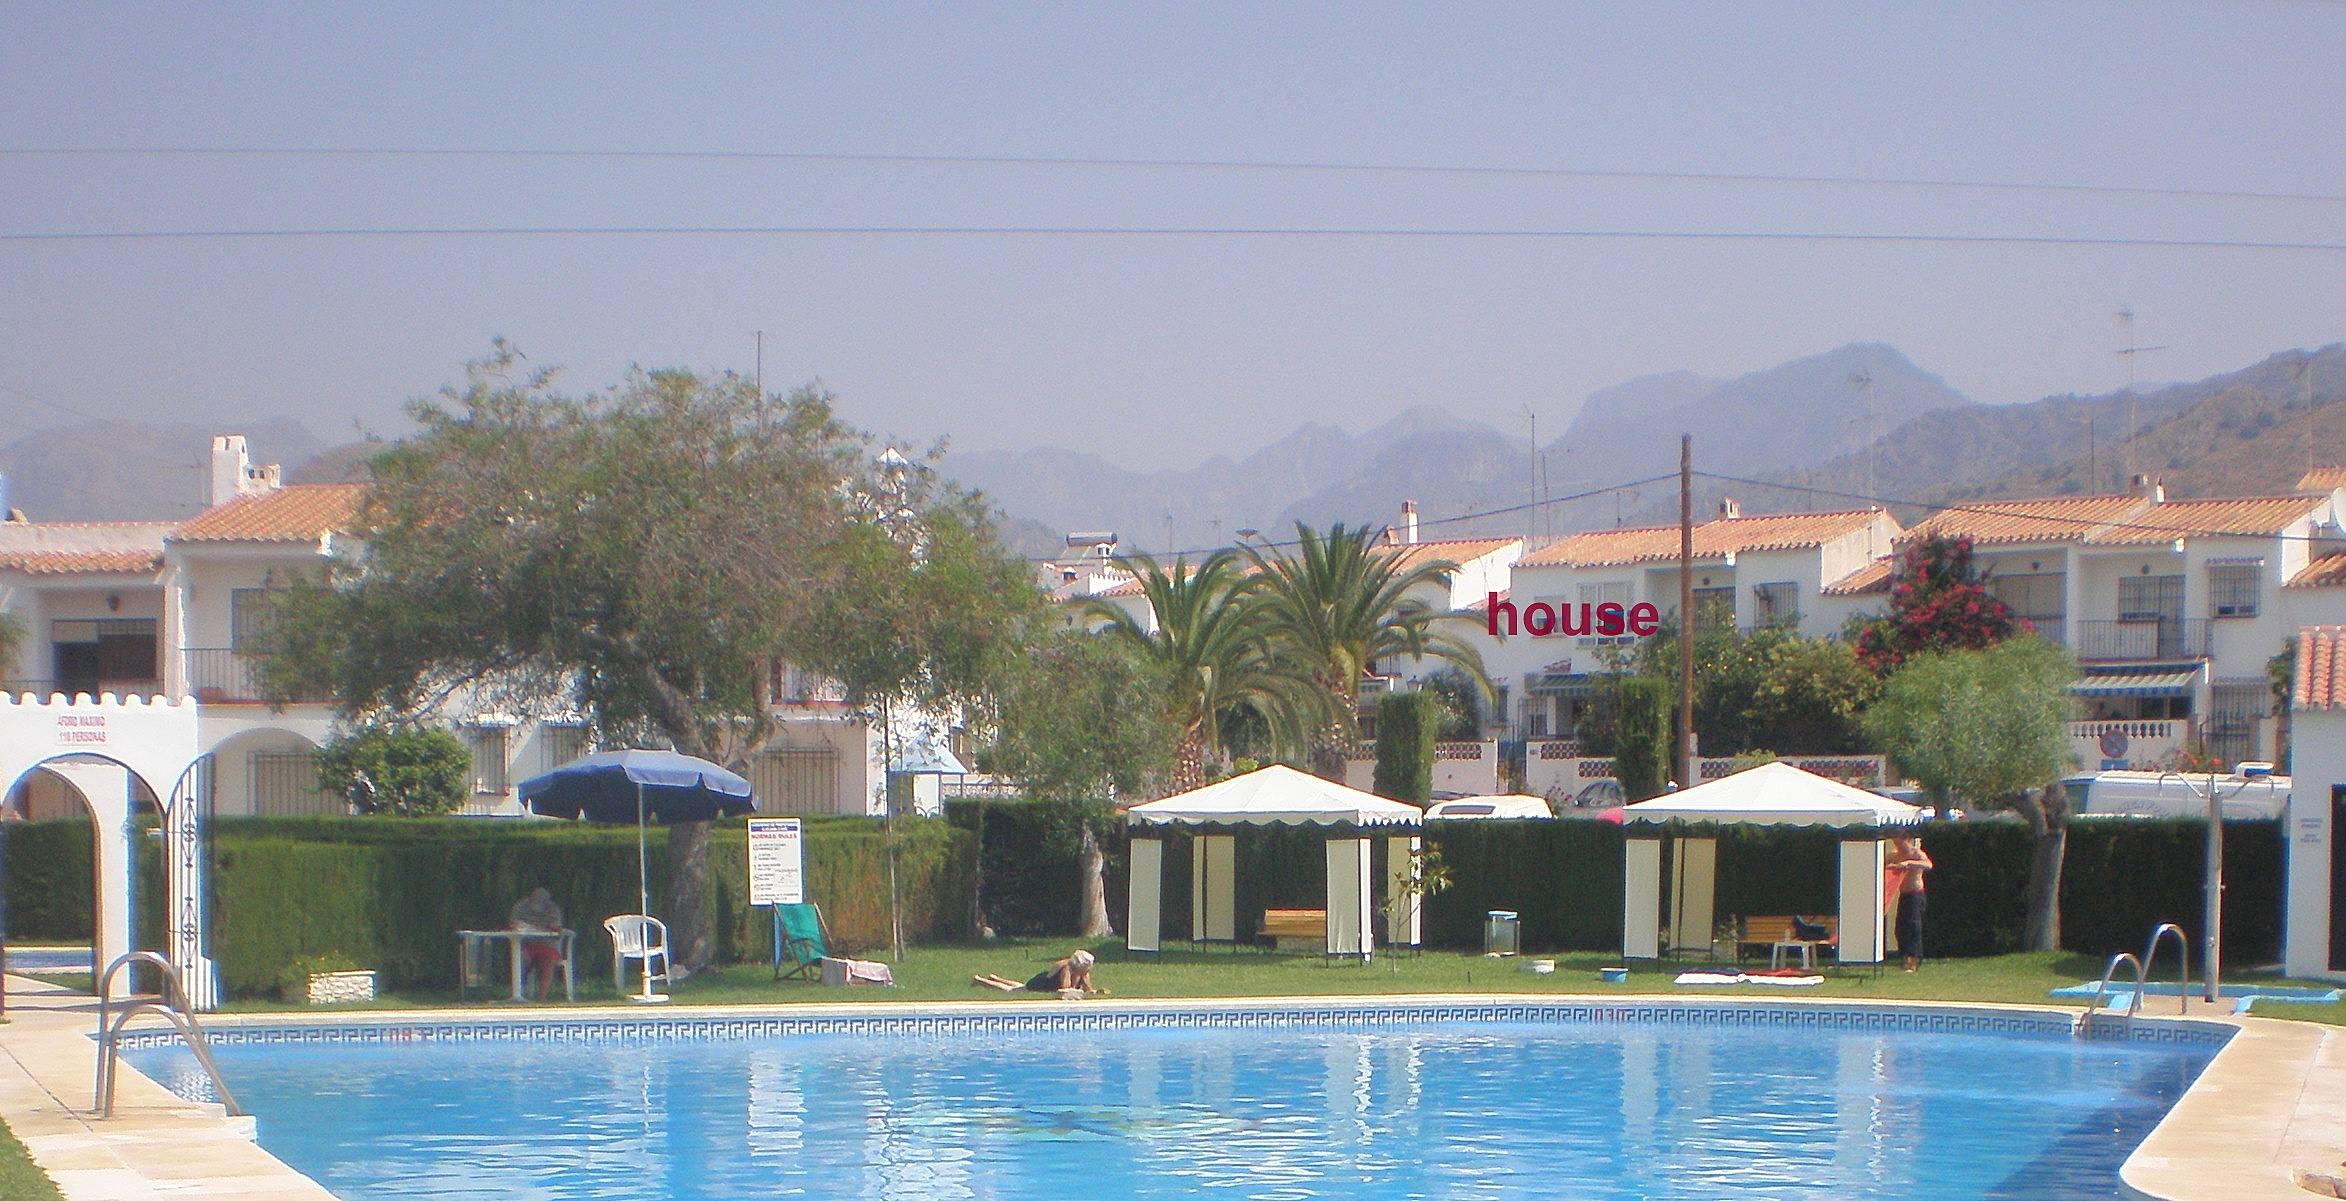 2 casas de estilo andaluz con 2 piscinas compartidas for Piscina publica malaga